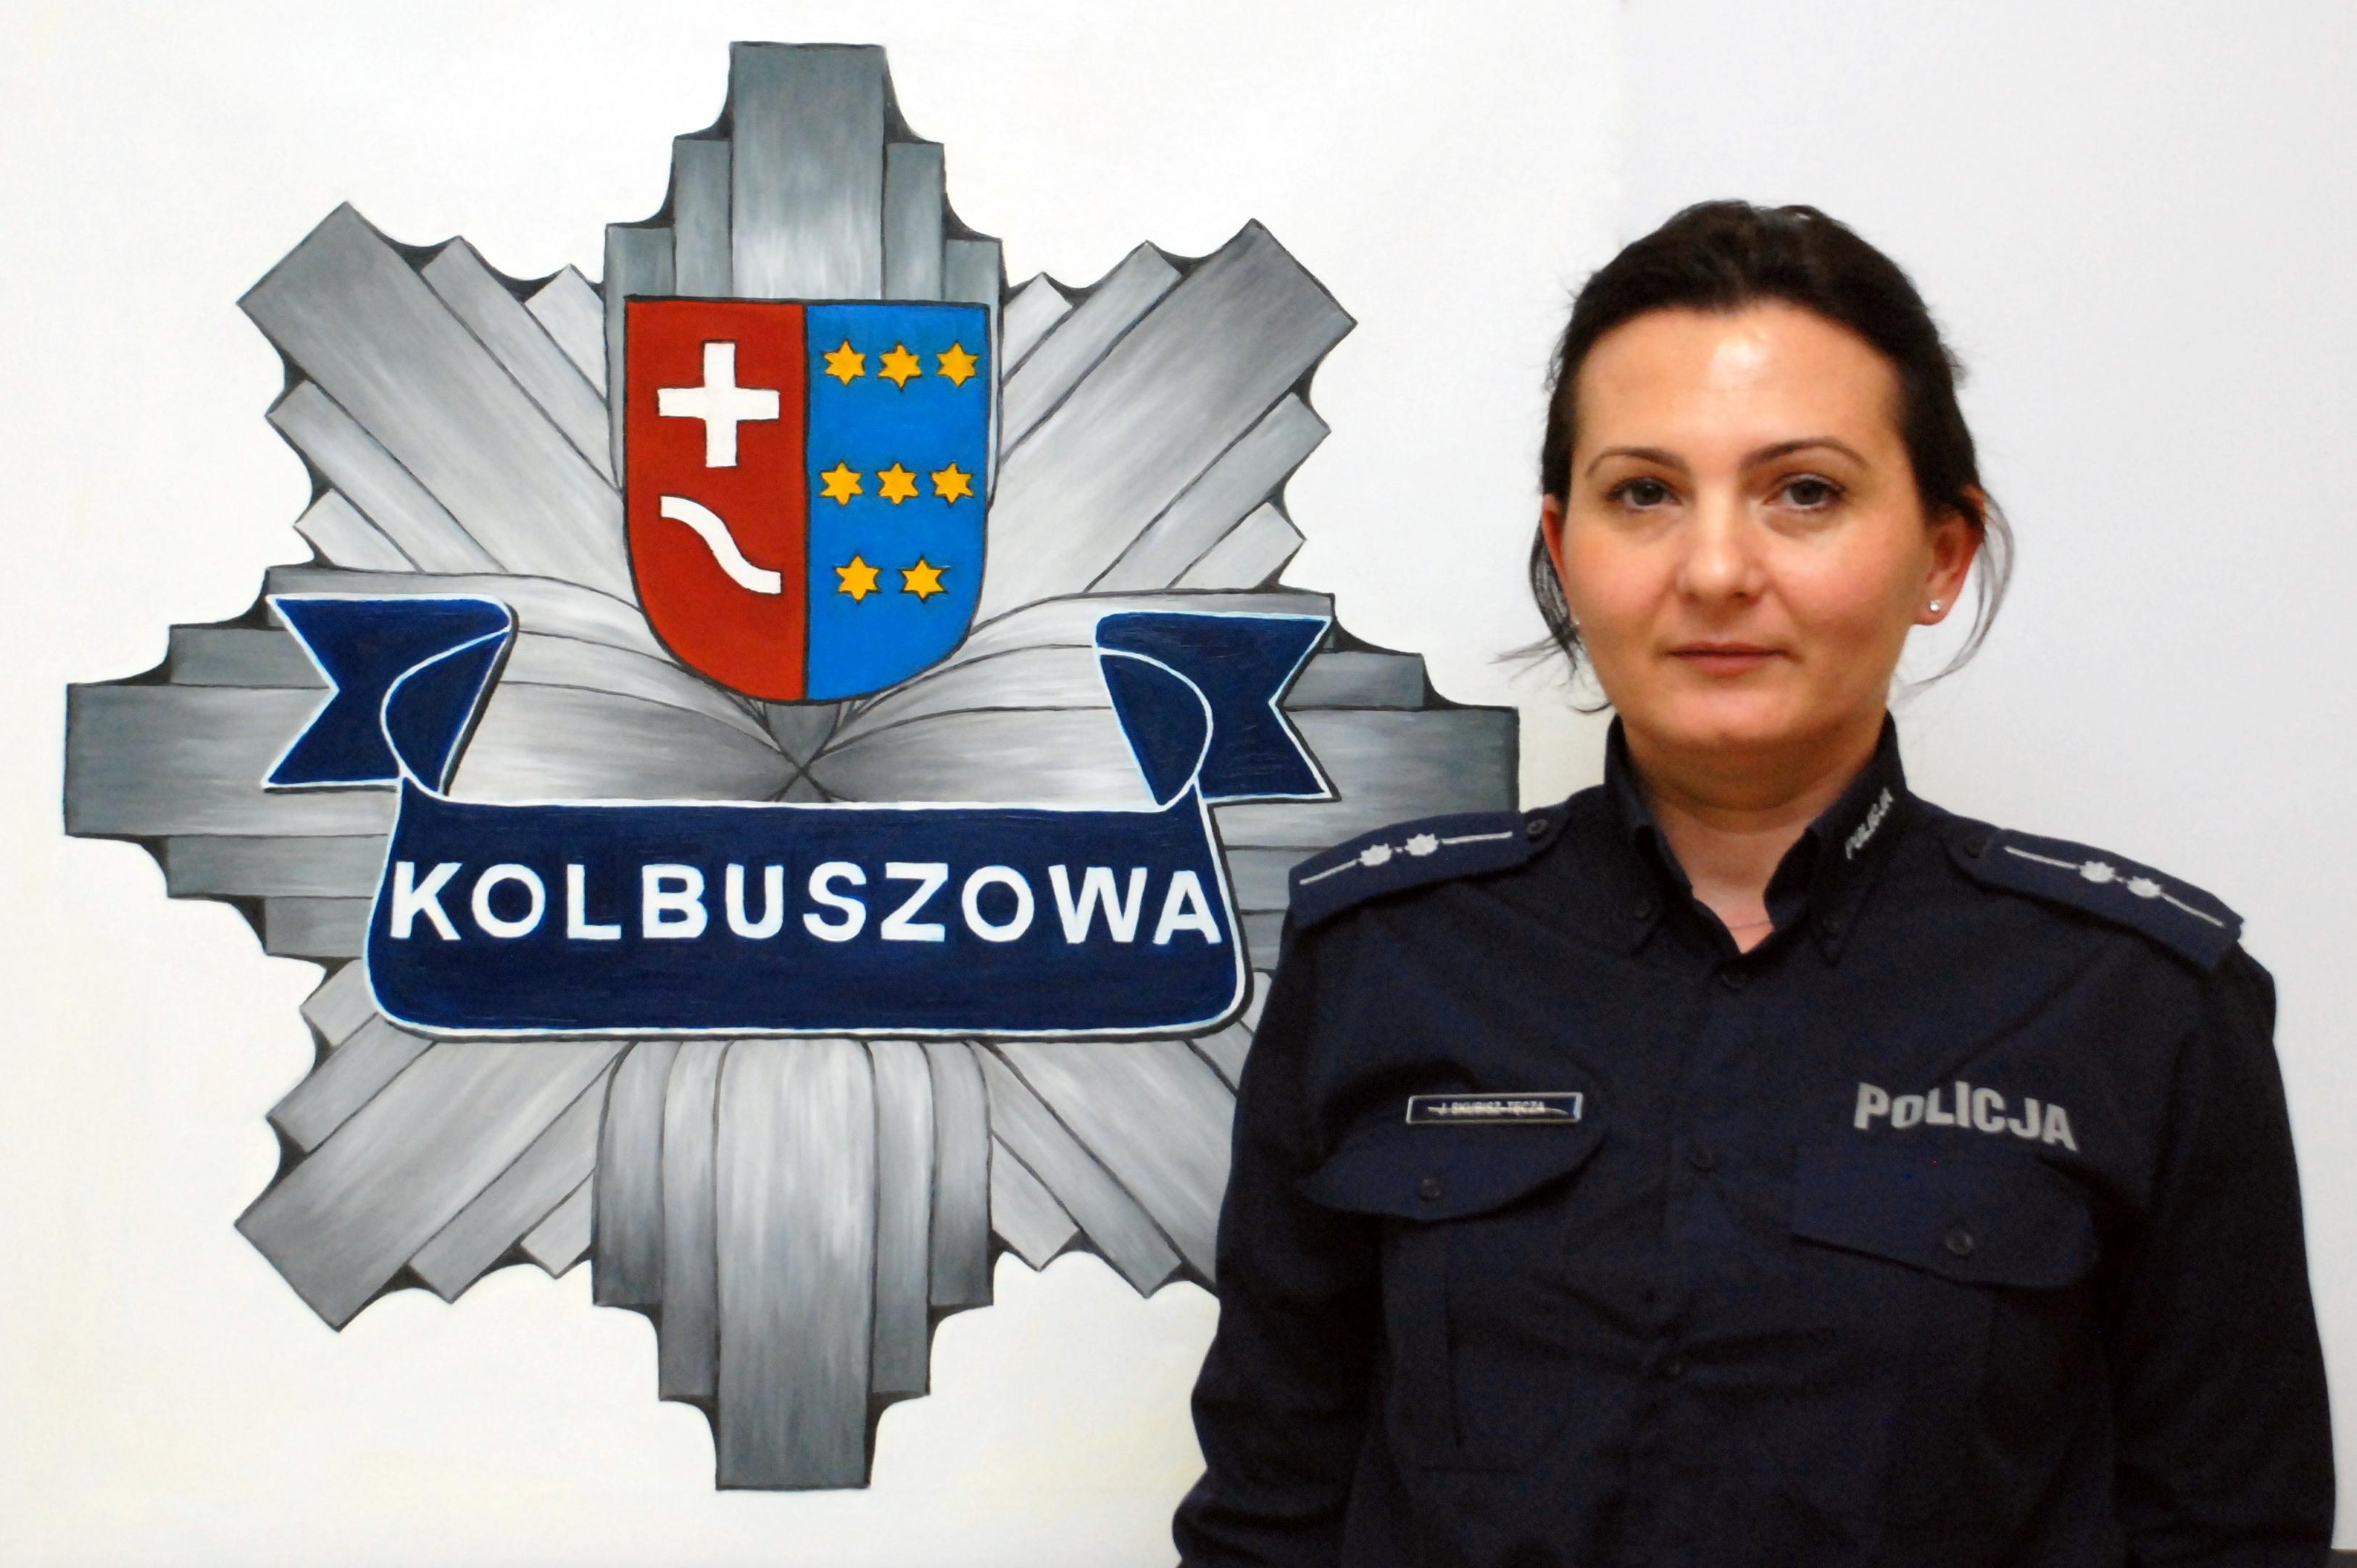 Prędkość, niewłaściwa infrastruktura i alkohol - kolbuszowscy policjanci sprawdzają zgłoszenia - Zdjęcie główne